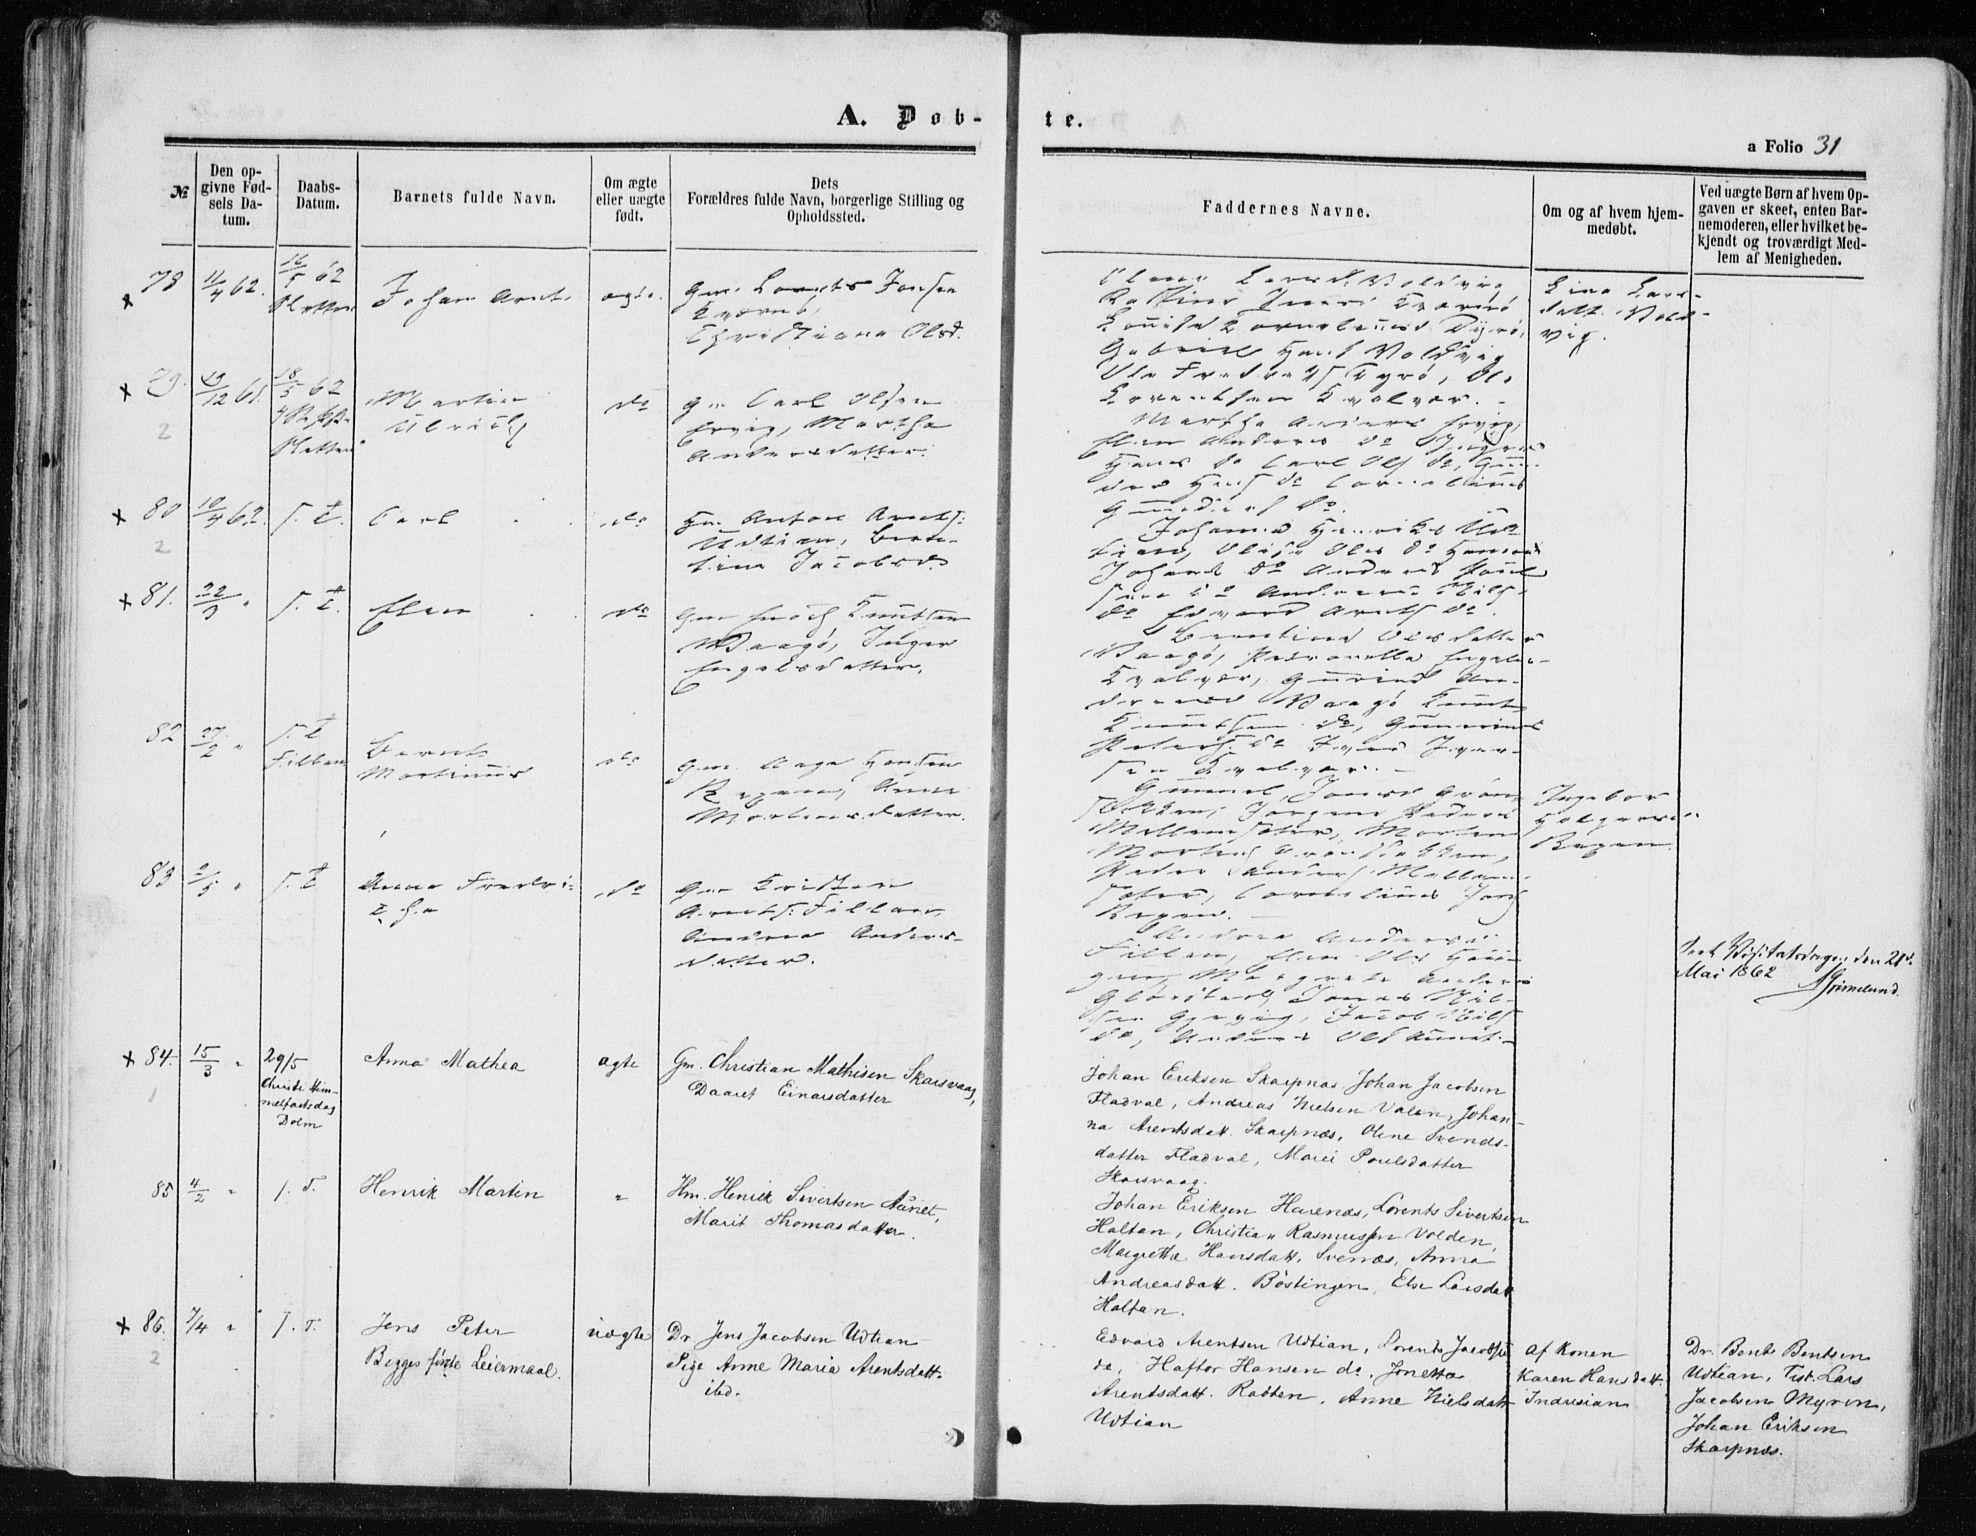 SAT, Ministerialprotokoller, klokkerbøker og fødselsregistre - Sør-Trøndelag, 634/L0531: Ministerialbok nr. 634A07, 1861-1870, s. 31